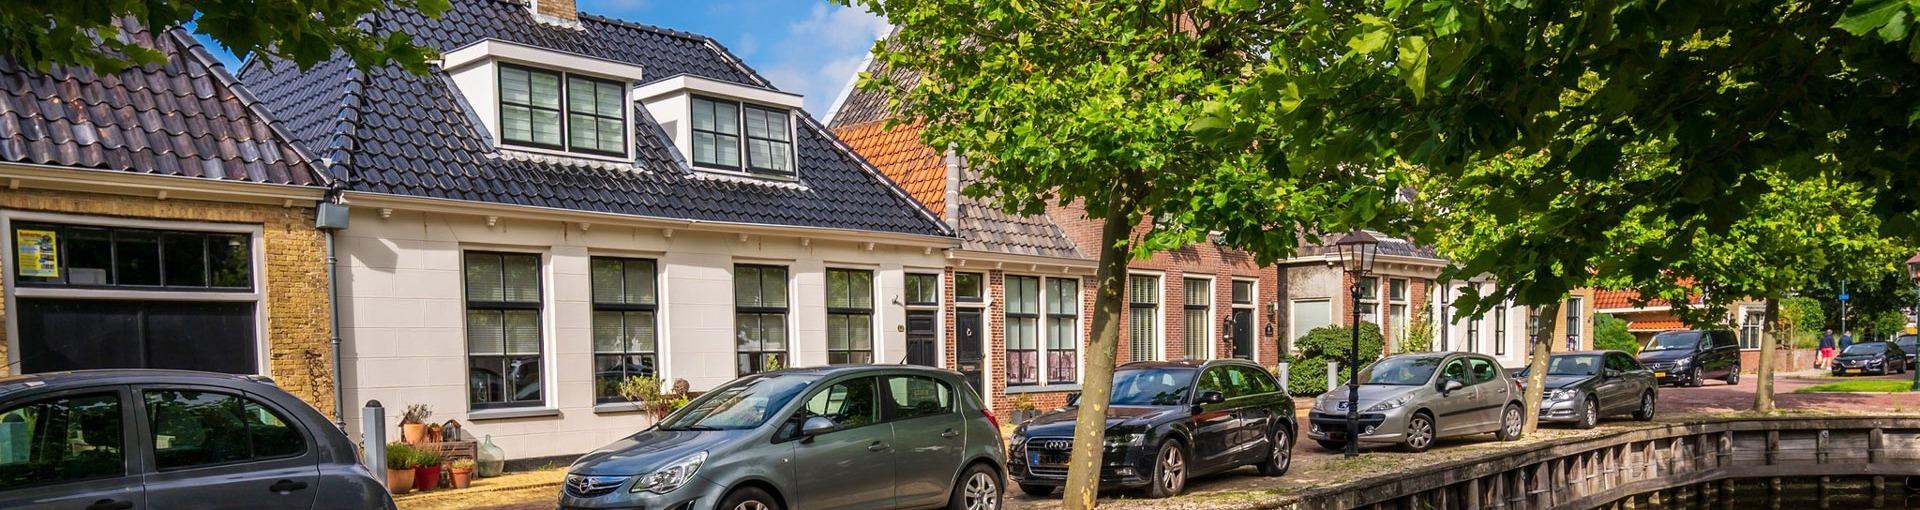 Een straat in Harlingen met huizen en auto's en een bootje in de gracht